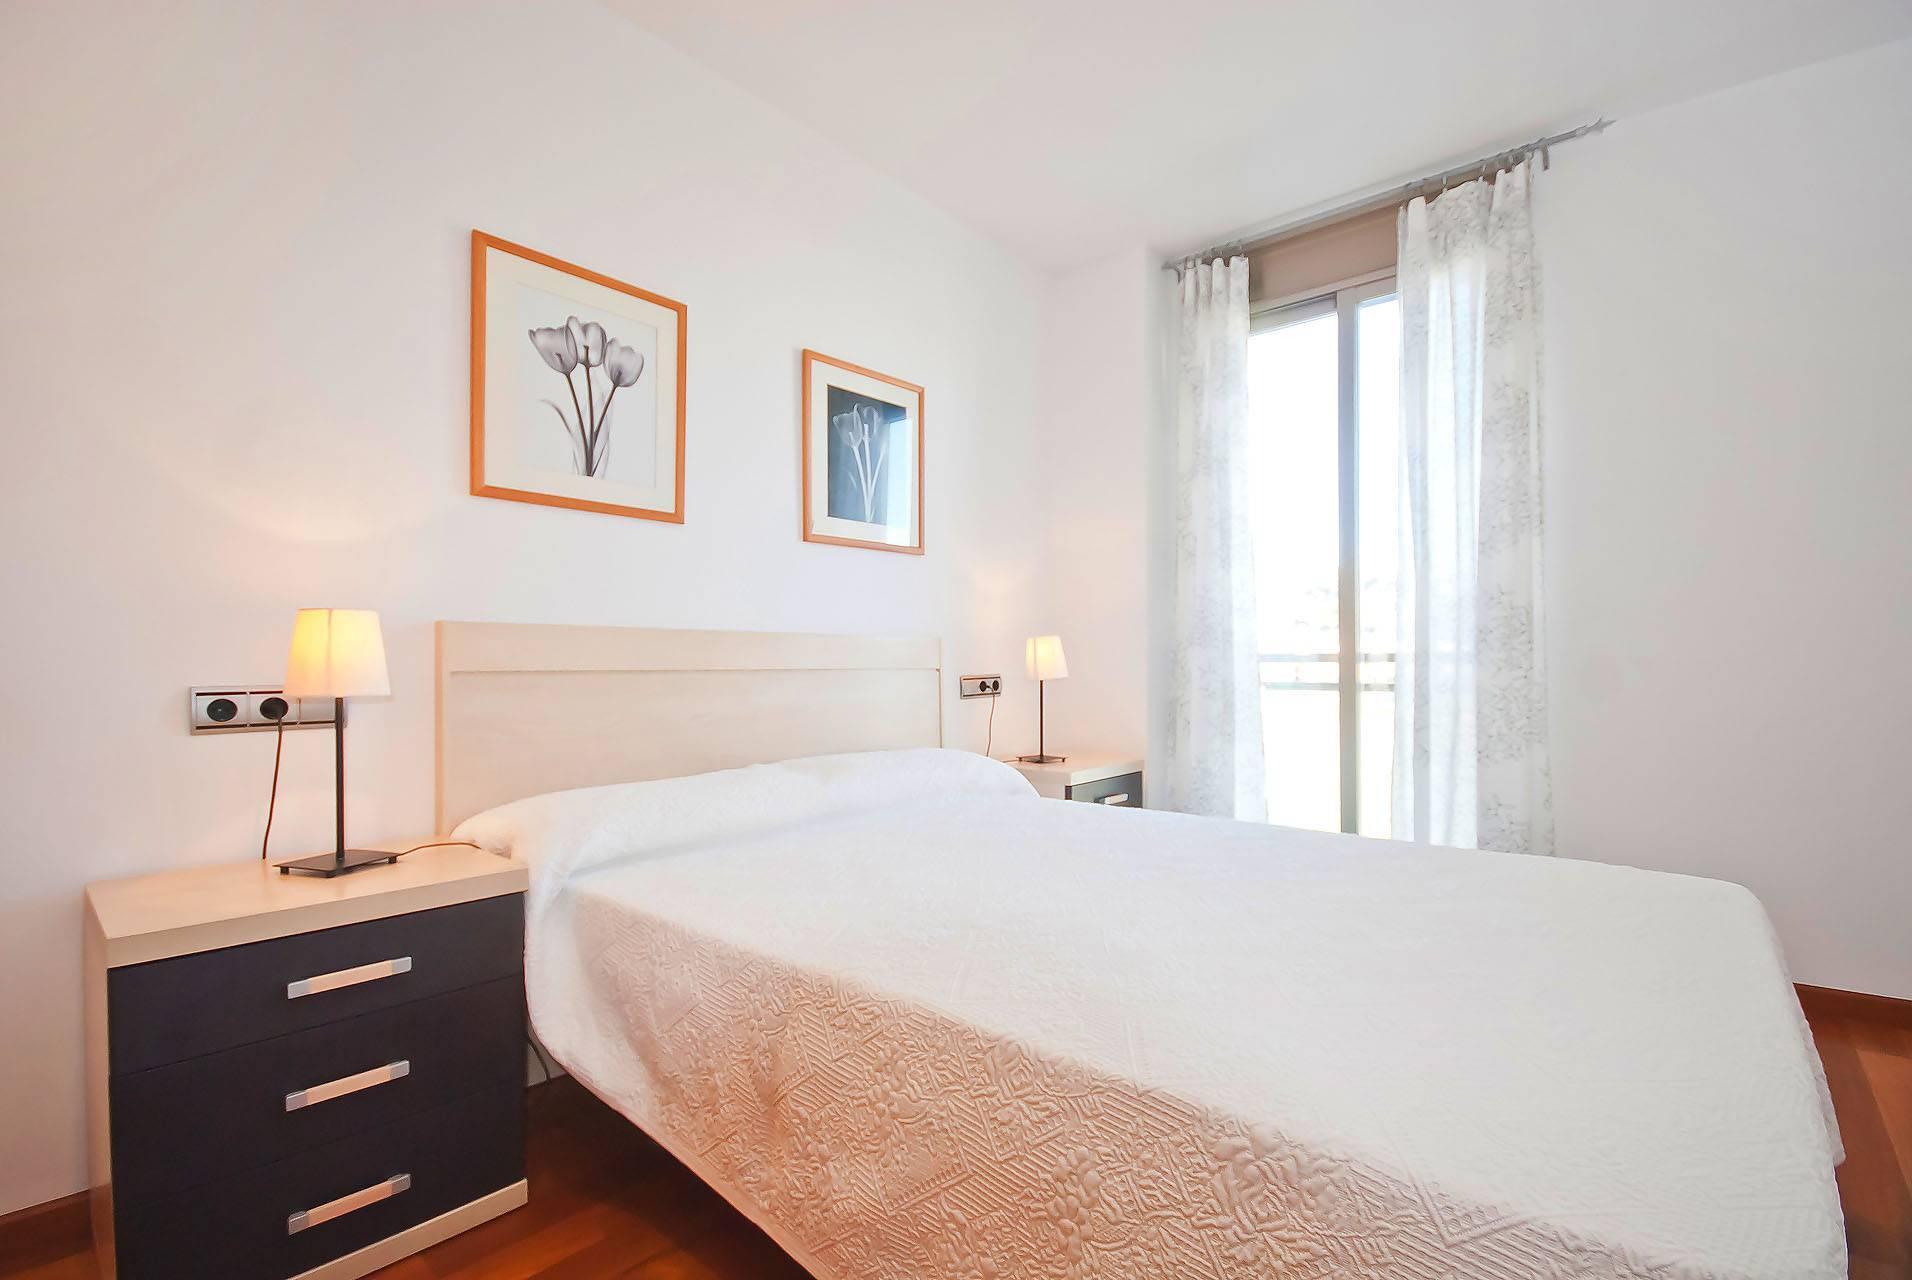 01-203 Luxus Ferienwohnung Mallorca Norden Bild 16